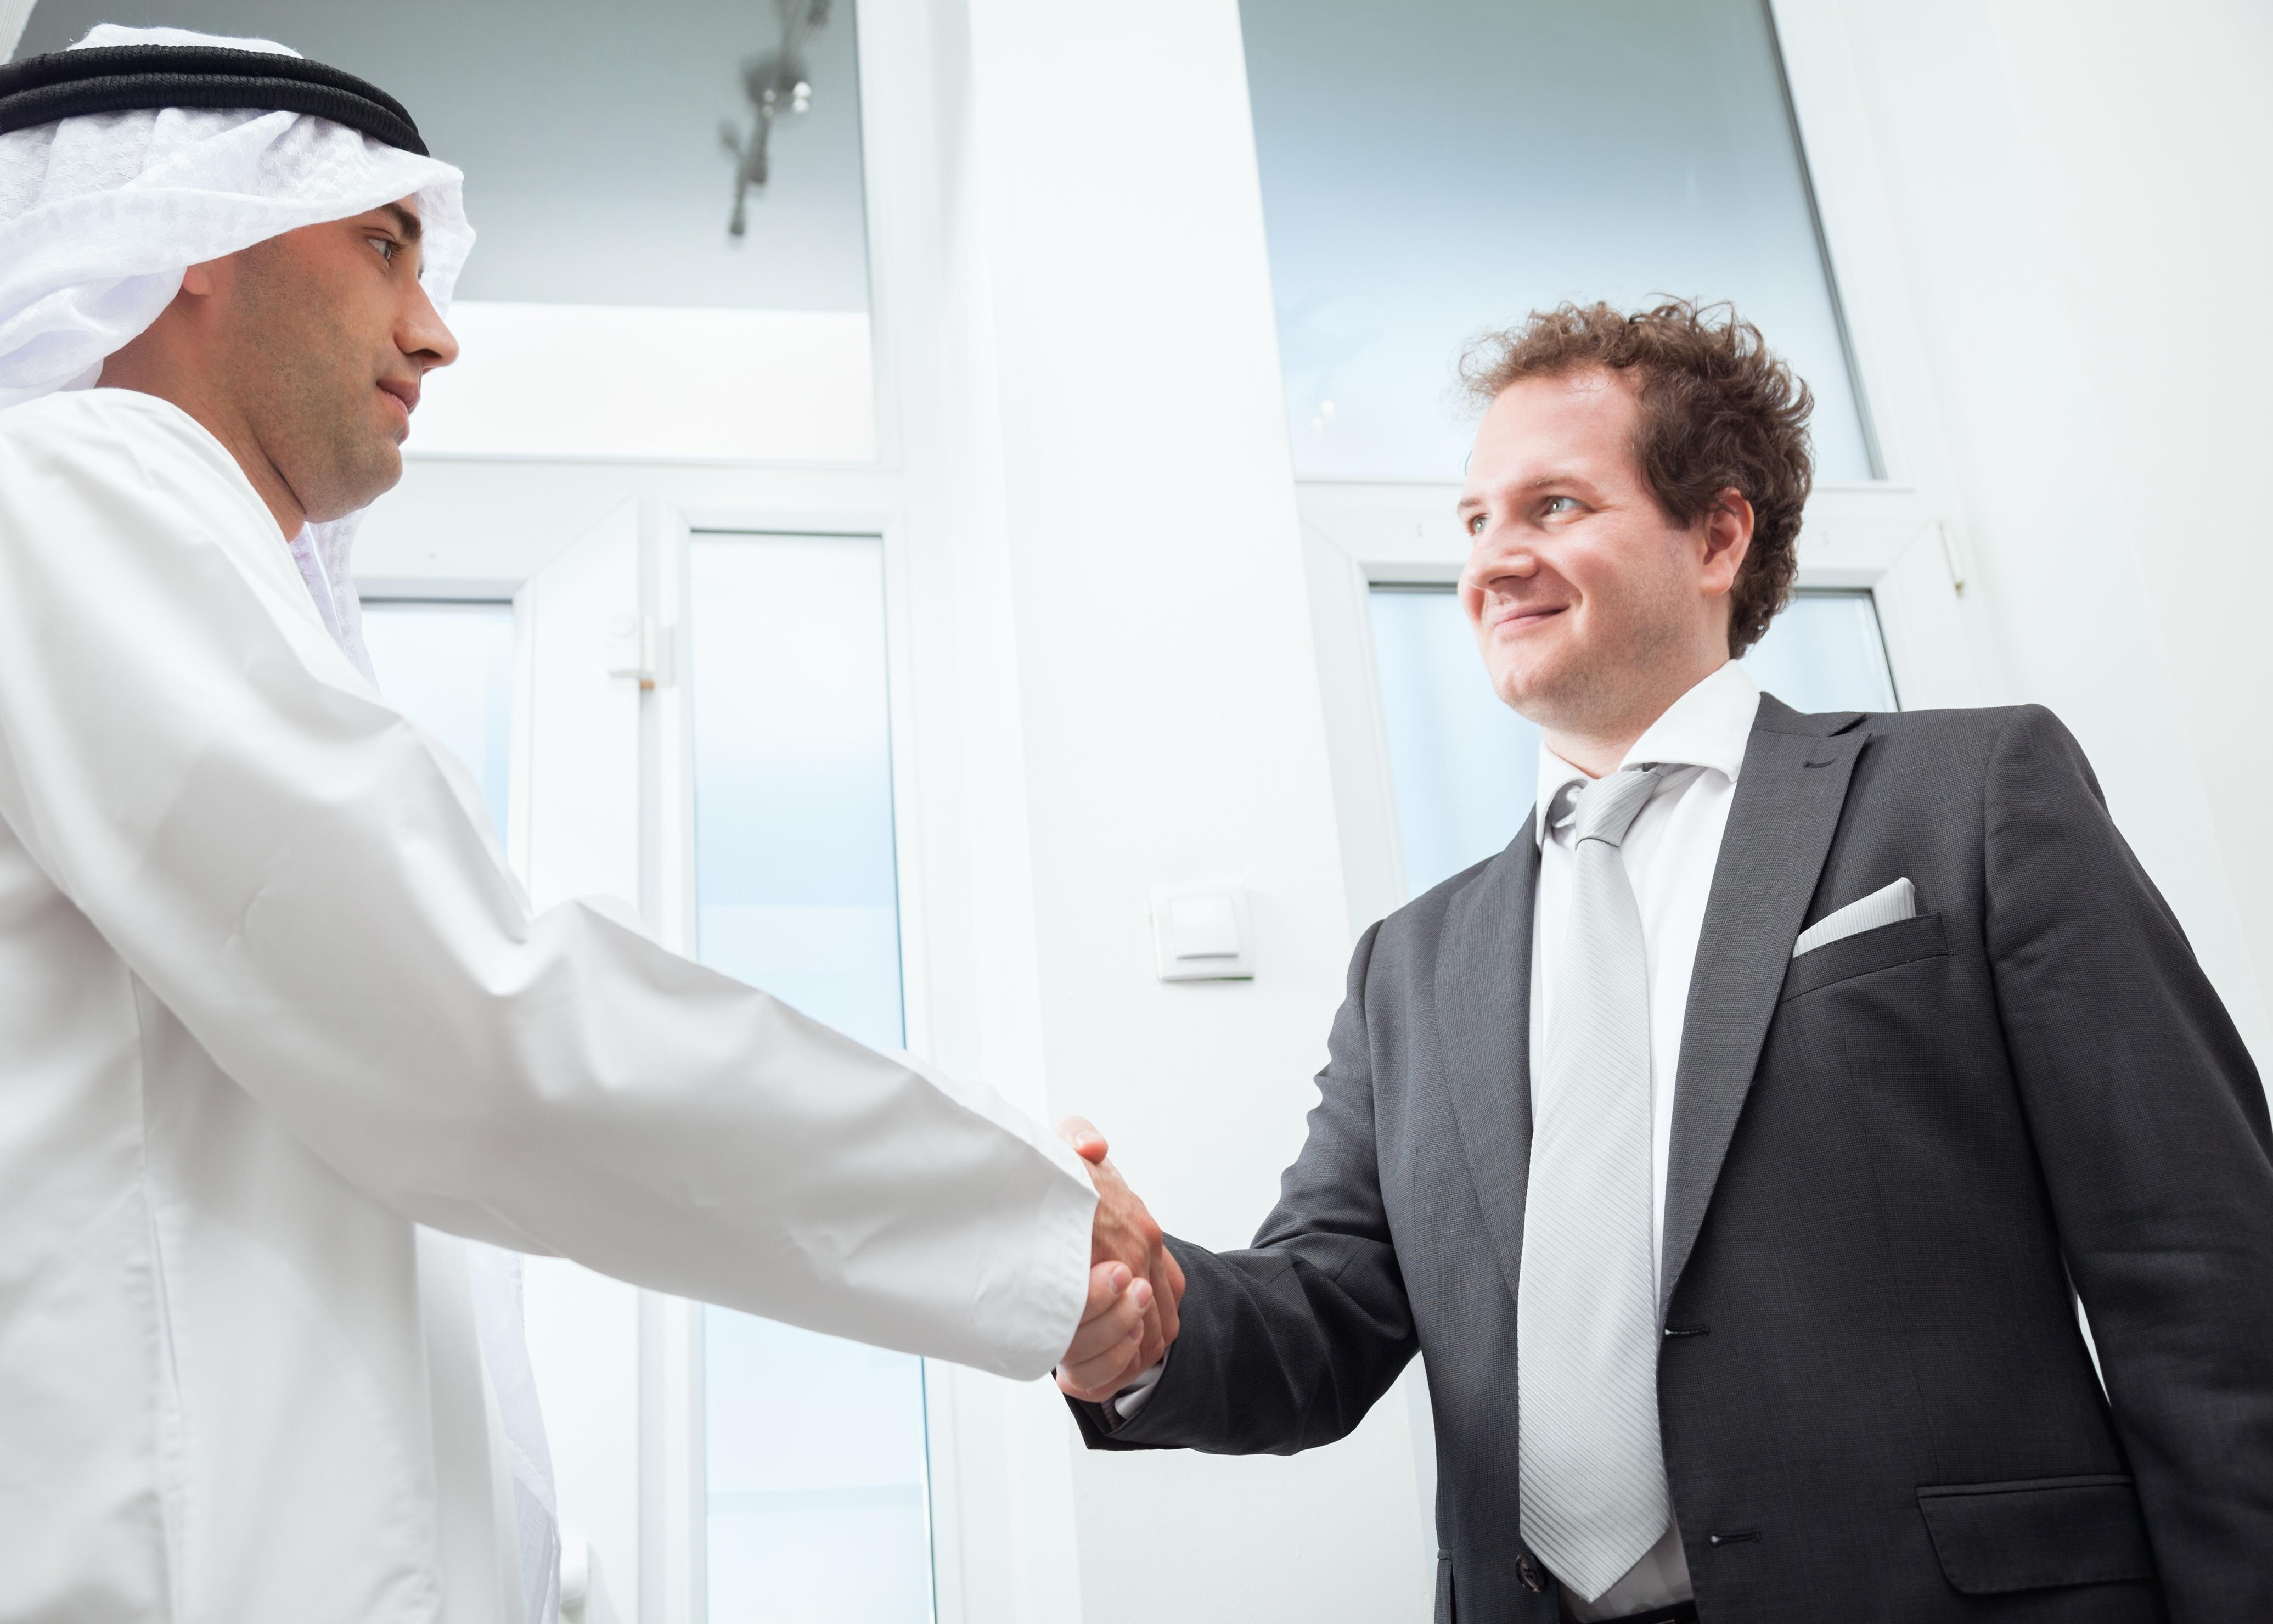 arab-man-handshake